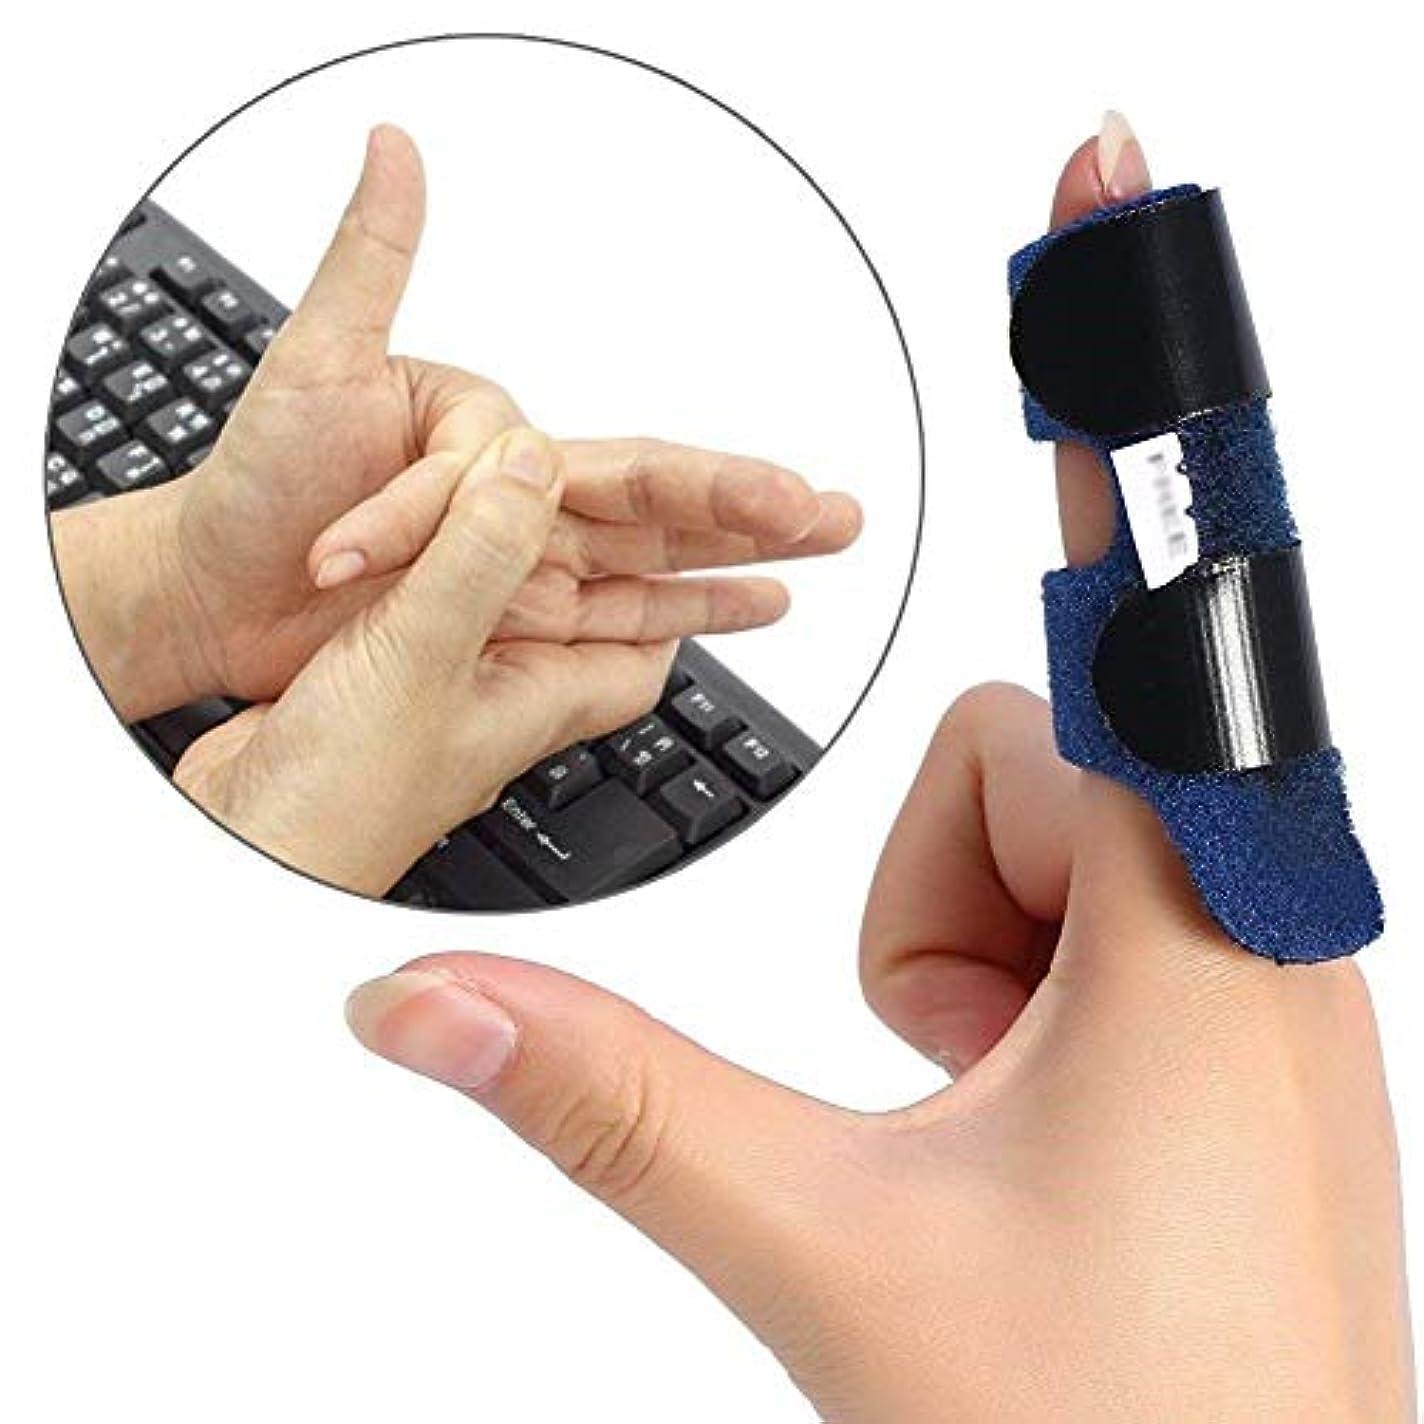 聞きますシールドハミングバードすべての指トリガーの指矯正ブレースに適した指の怪我のサポート-内蔵のアルミニウム調整可能ストラップ